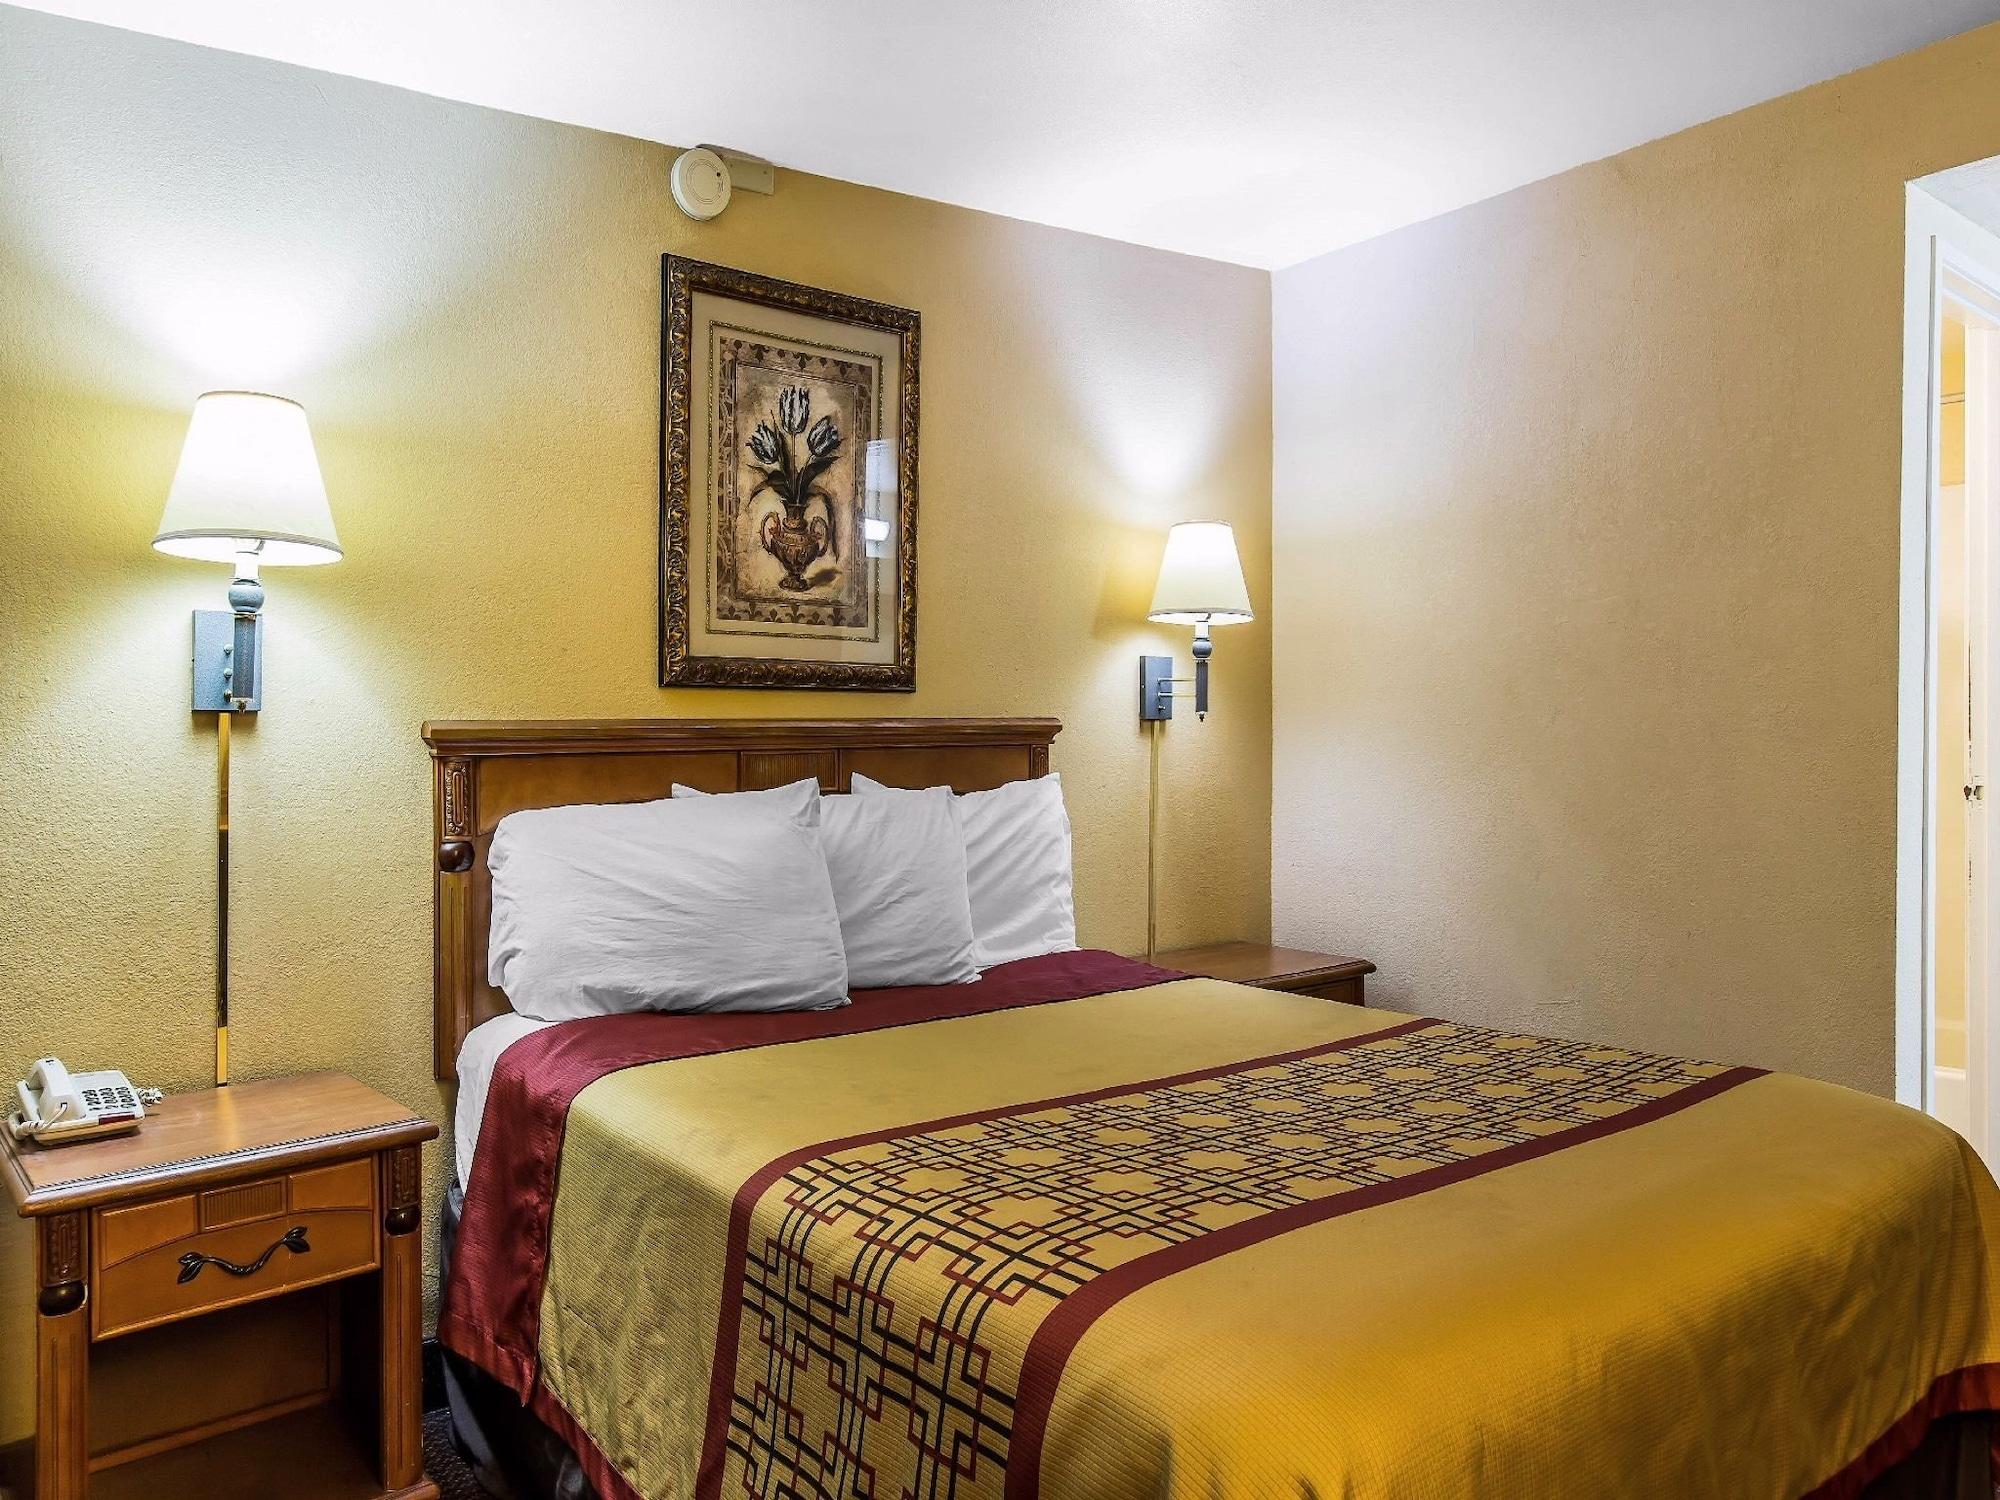 Americas Best Value Inn & Suites El Centro, Imperial